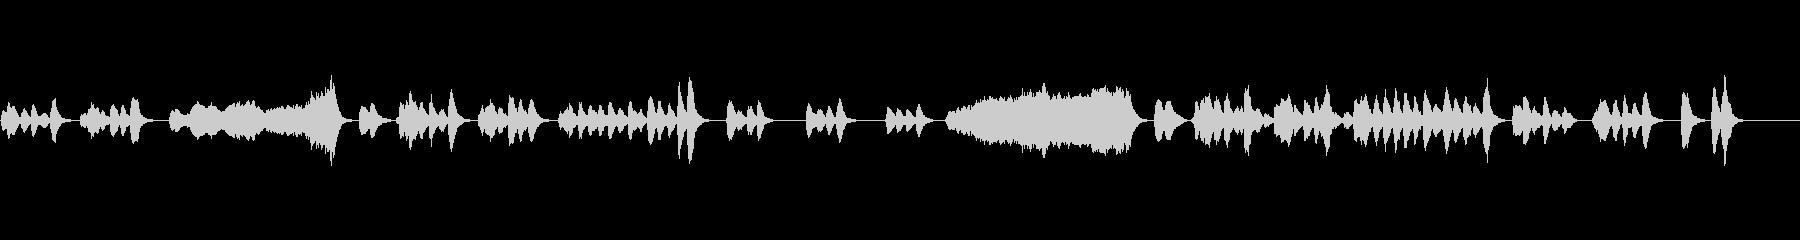 音数の少ないほのぼのしたクラリネット曲の未再生の波形